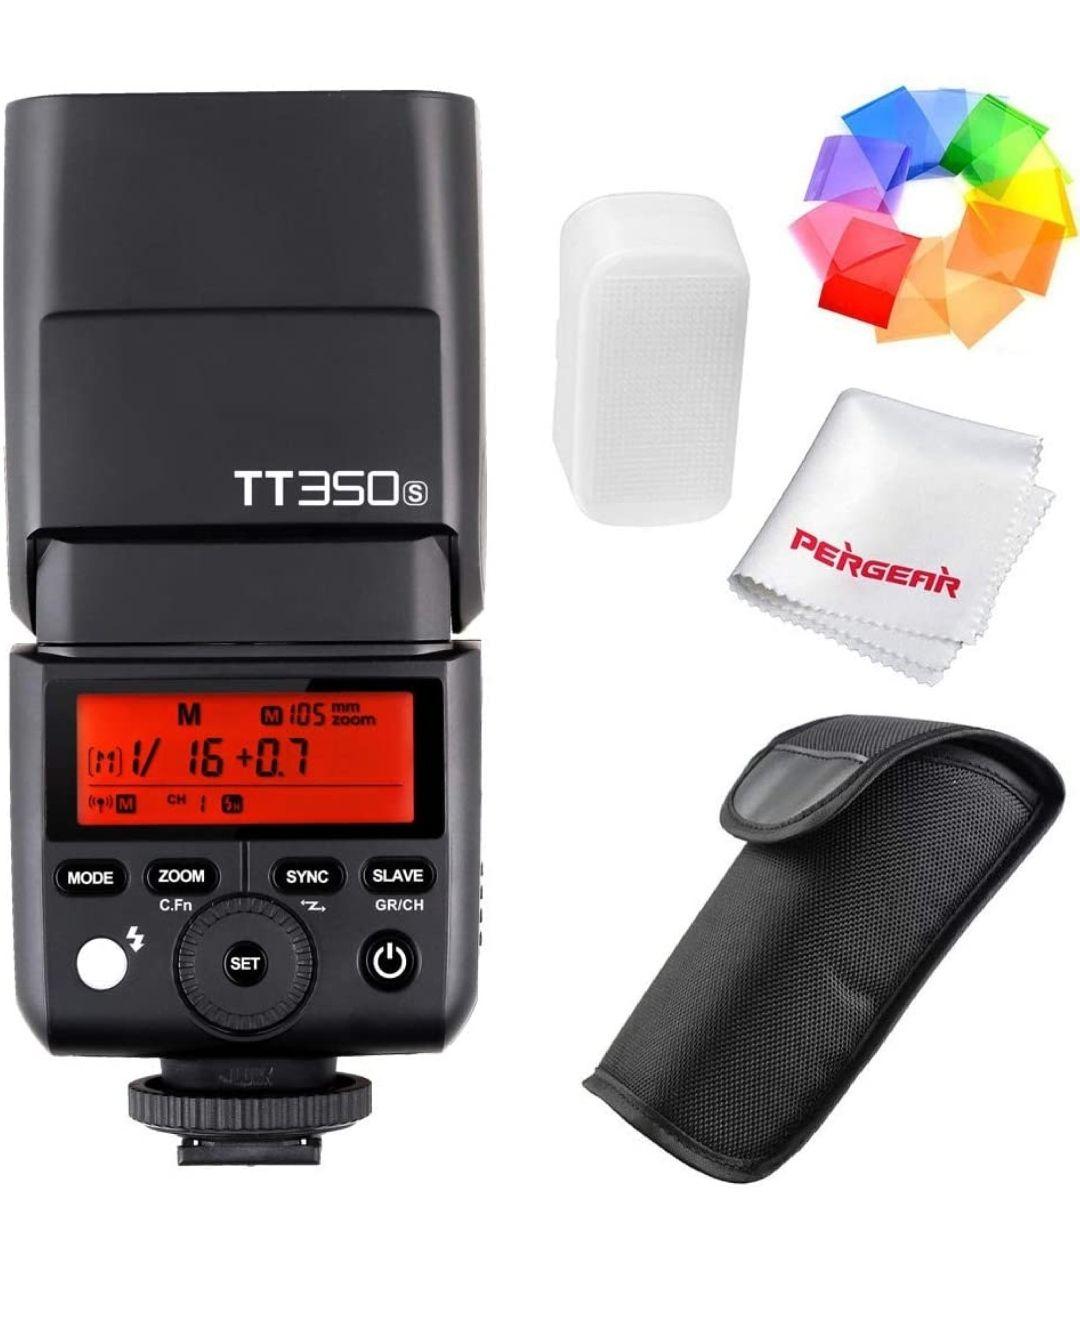 Flash Godox Tt350s